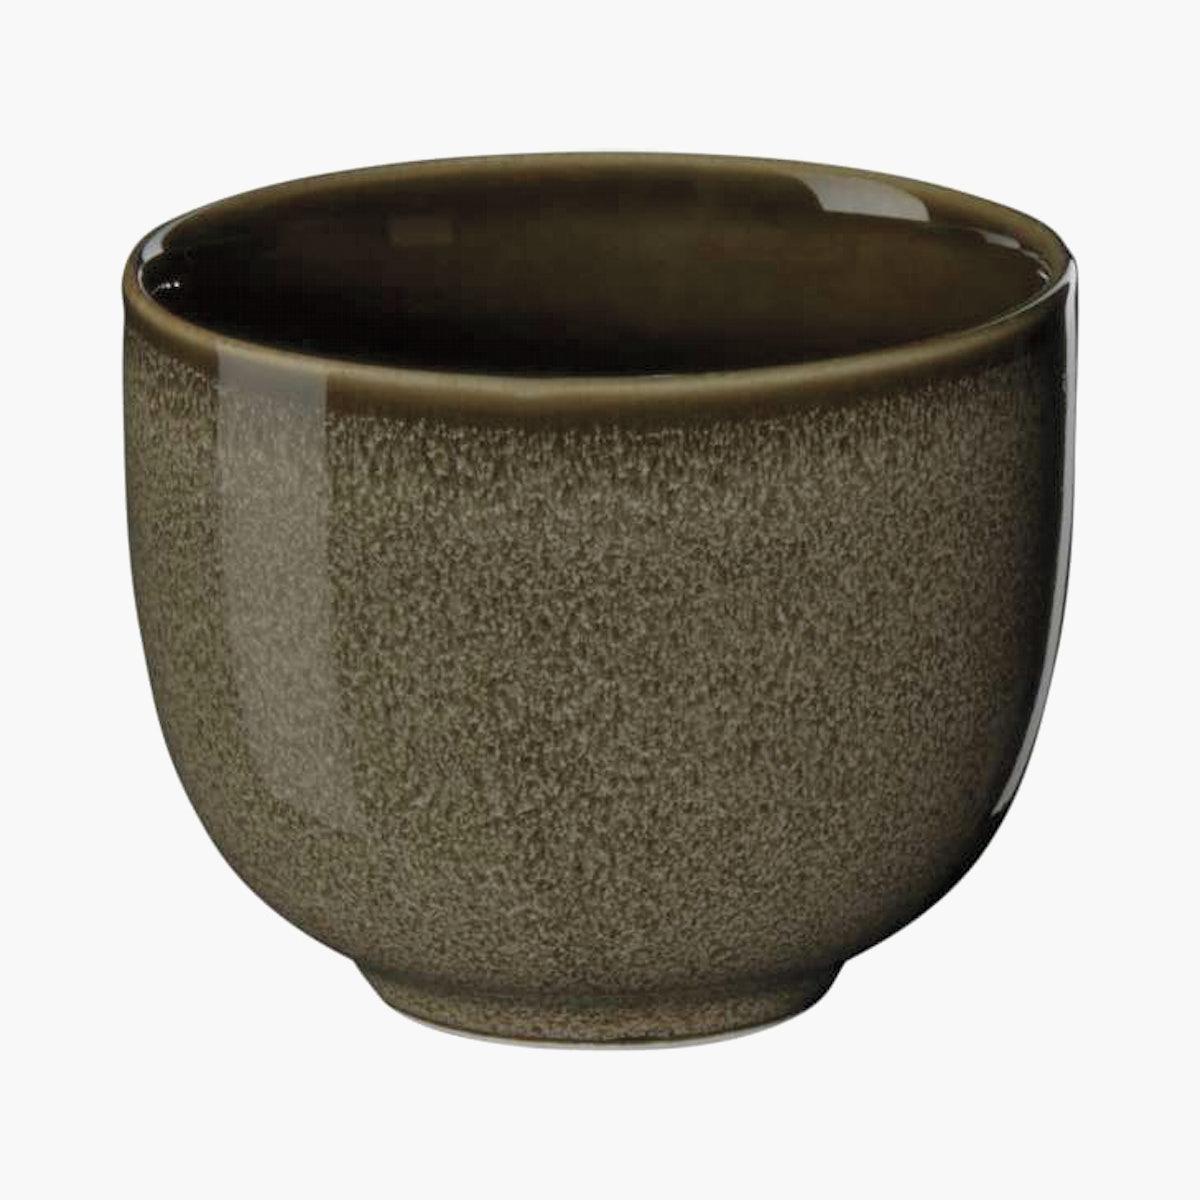 Kolibri Tea Bowl